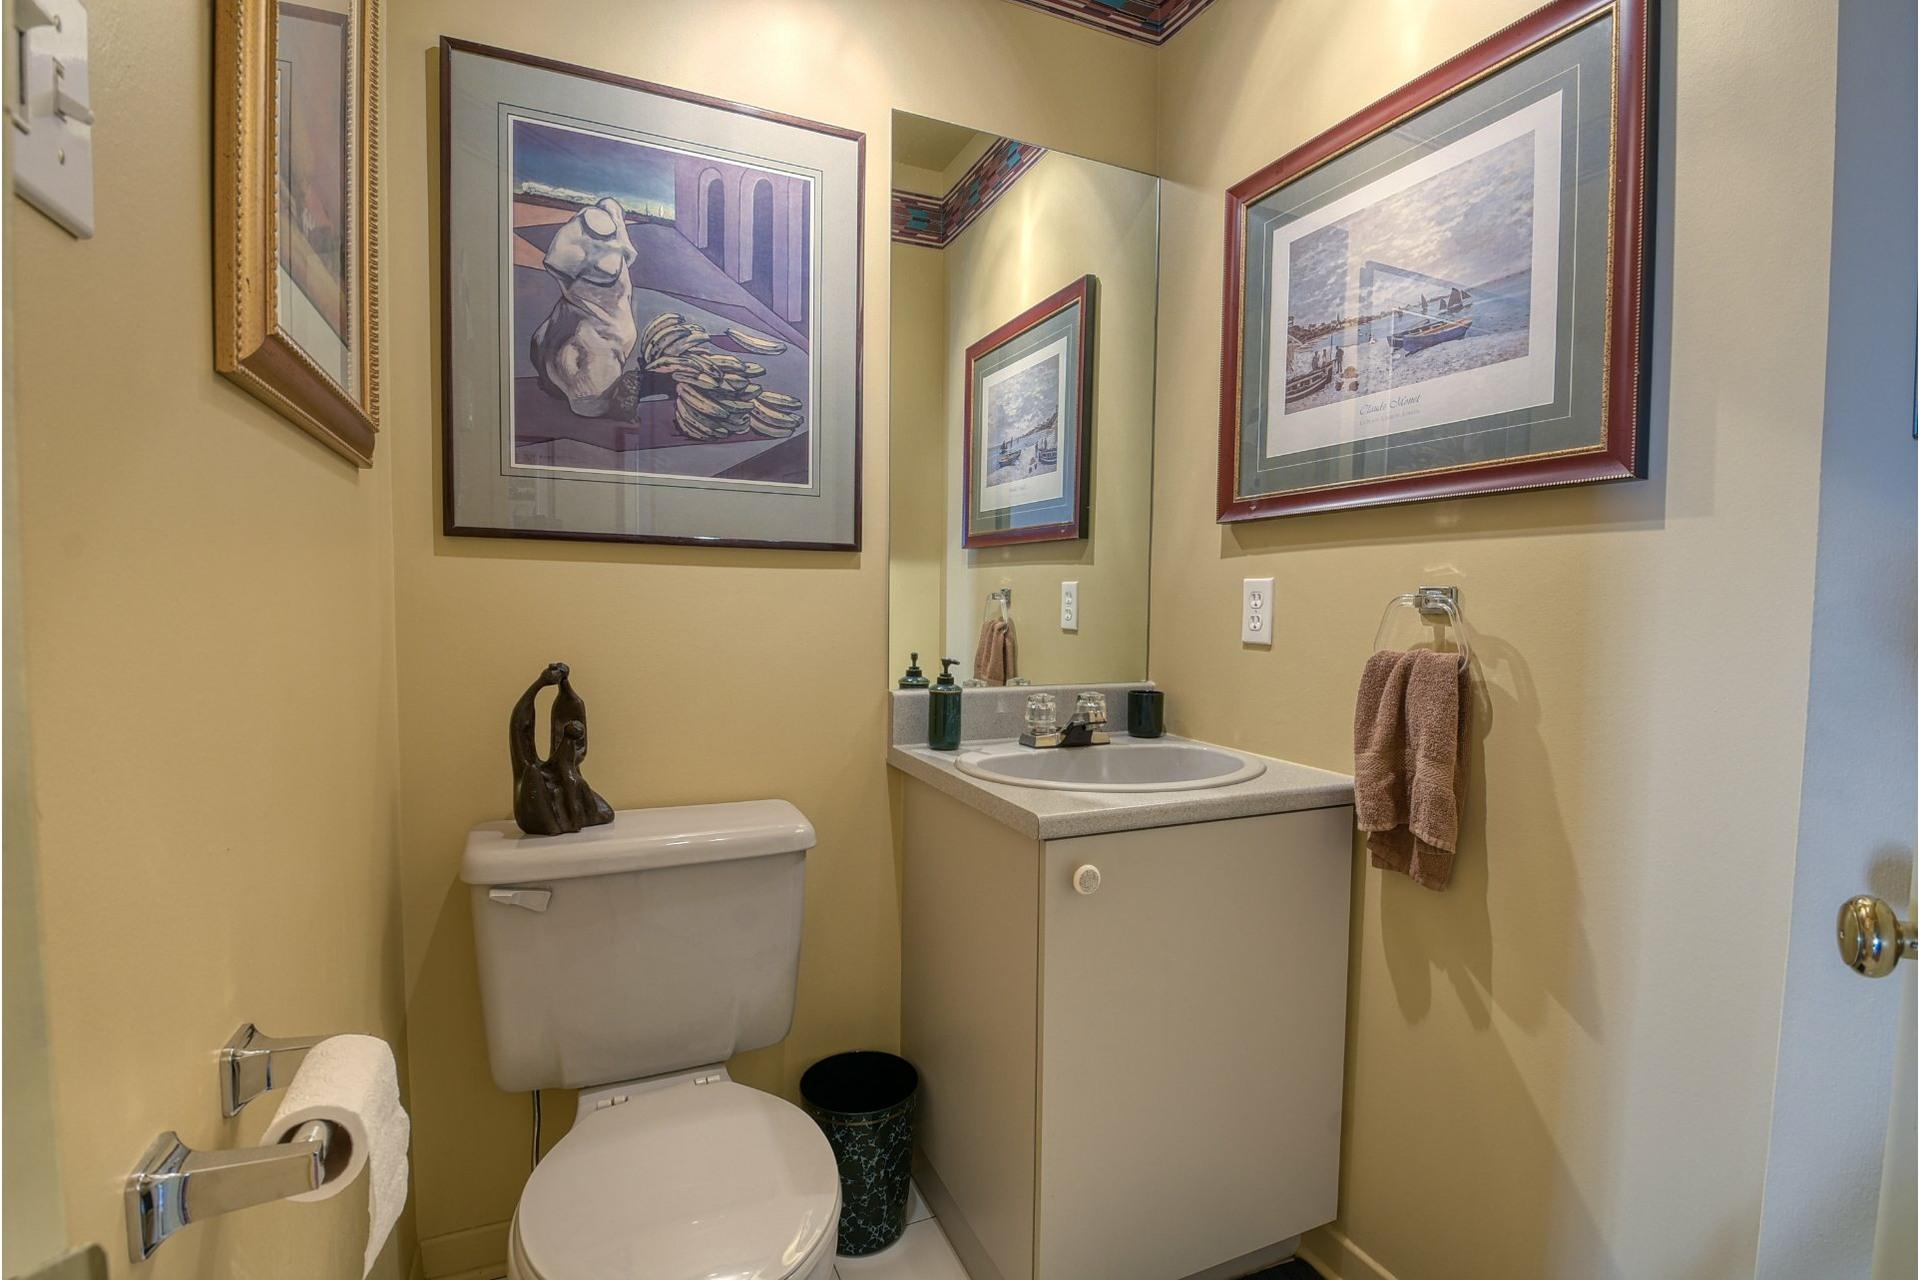 image 12 - House For sale Rivière-des-Prairies/Pointe-aux-Trembles Montréal  - 9 rooms